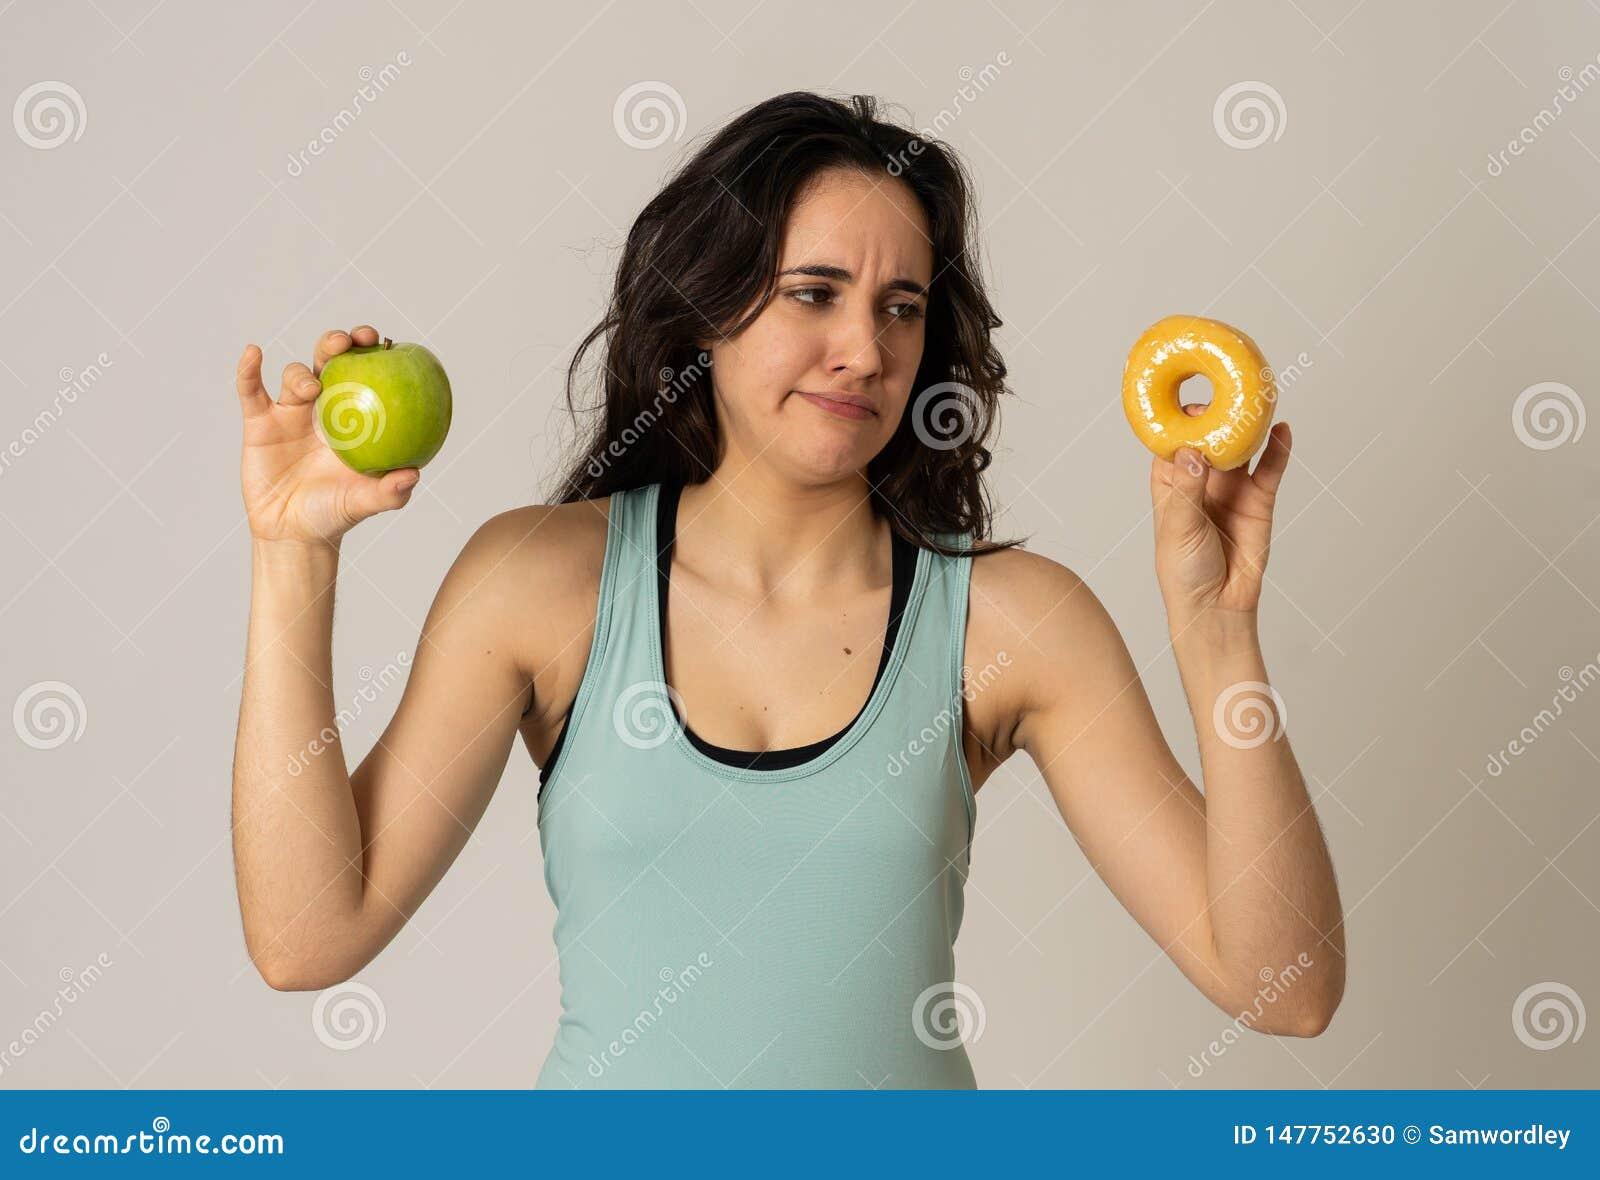 Attraktive junge Frau auf Di?t, die zwischen einem Apfel und einem Donut entscheidet